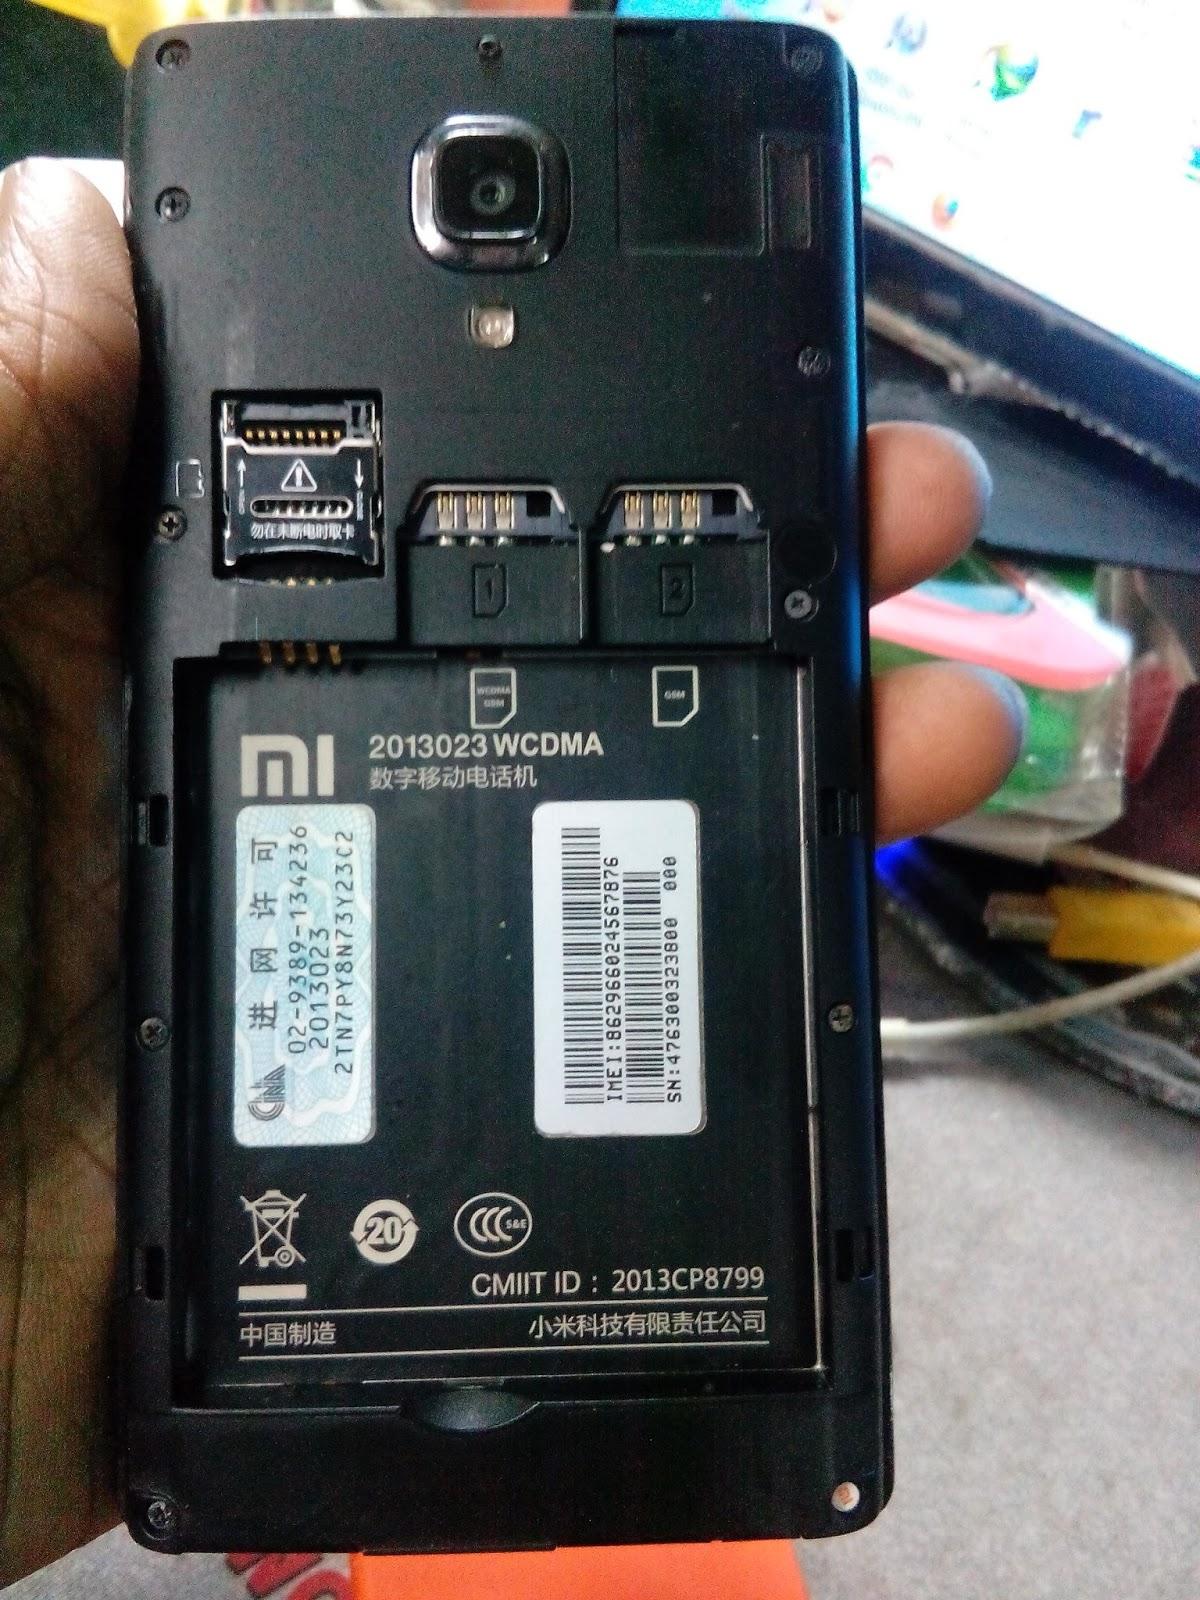 Xiaomi 2013023 firmware